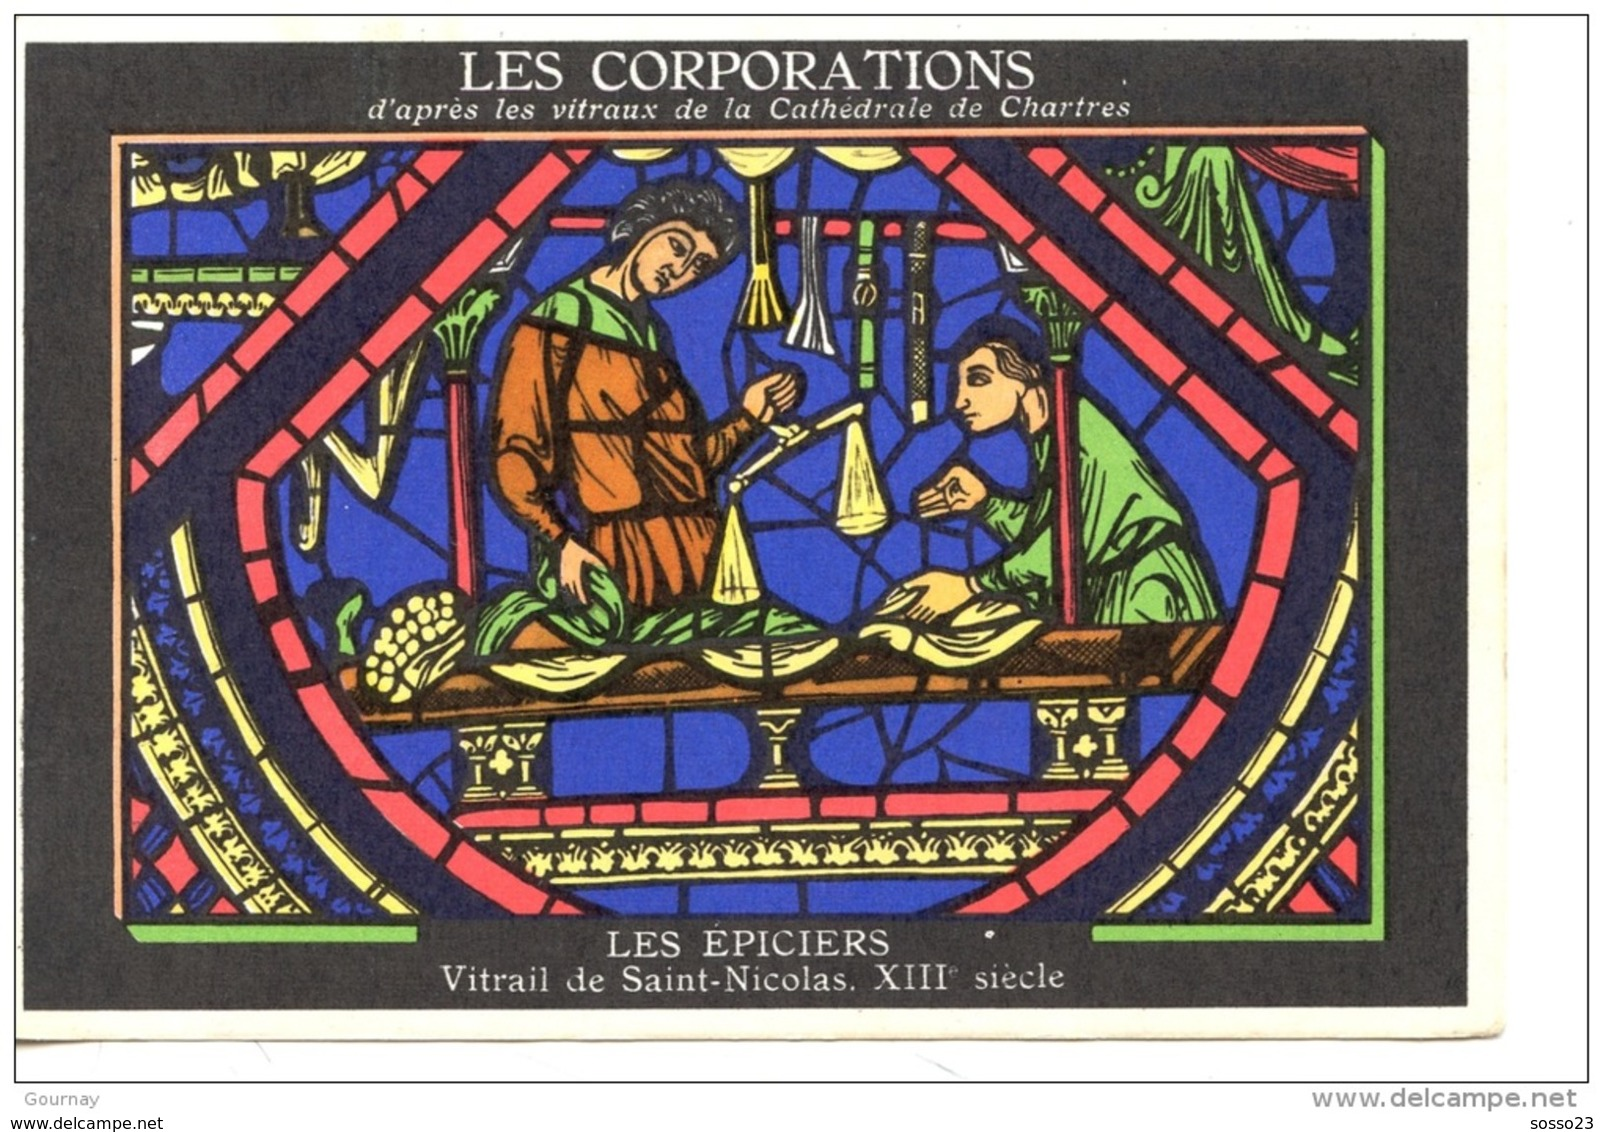 METIERS - LES CORPORATIONS LES EPICIERS - VITRAIL DE ST NICOLAS - CHROMO PUB ASPIRINE/ - Unclassified